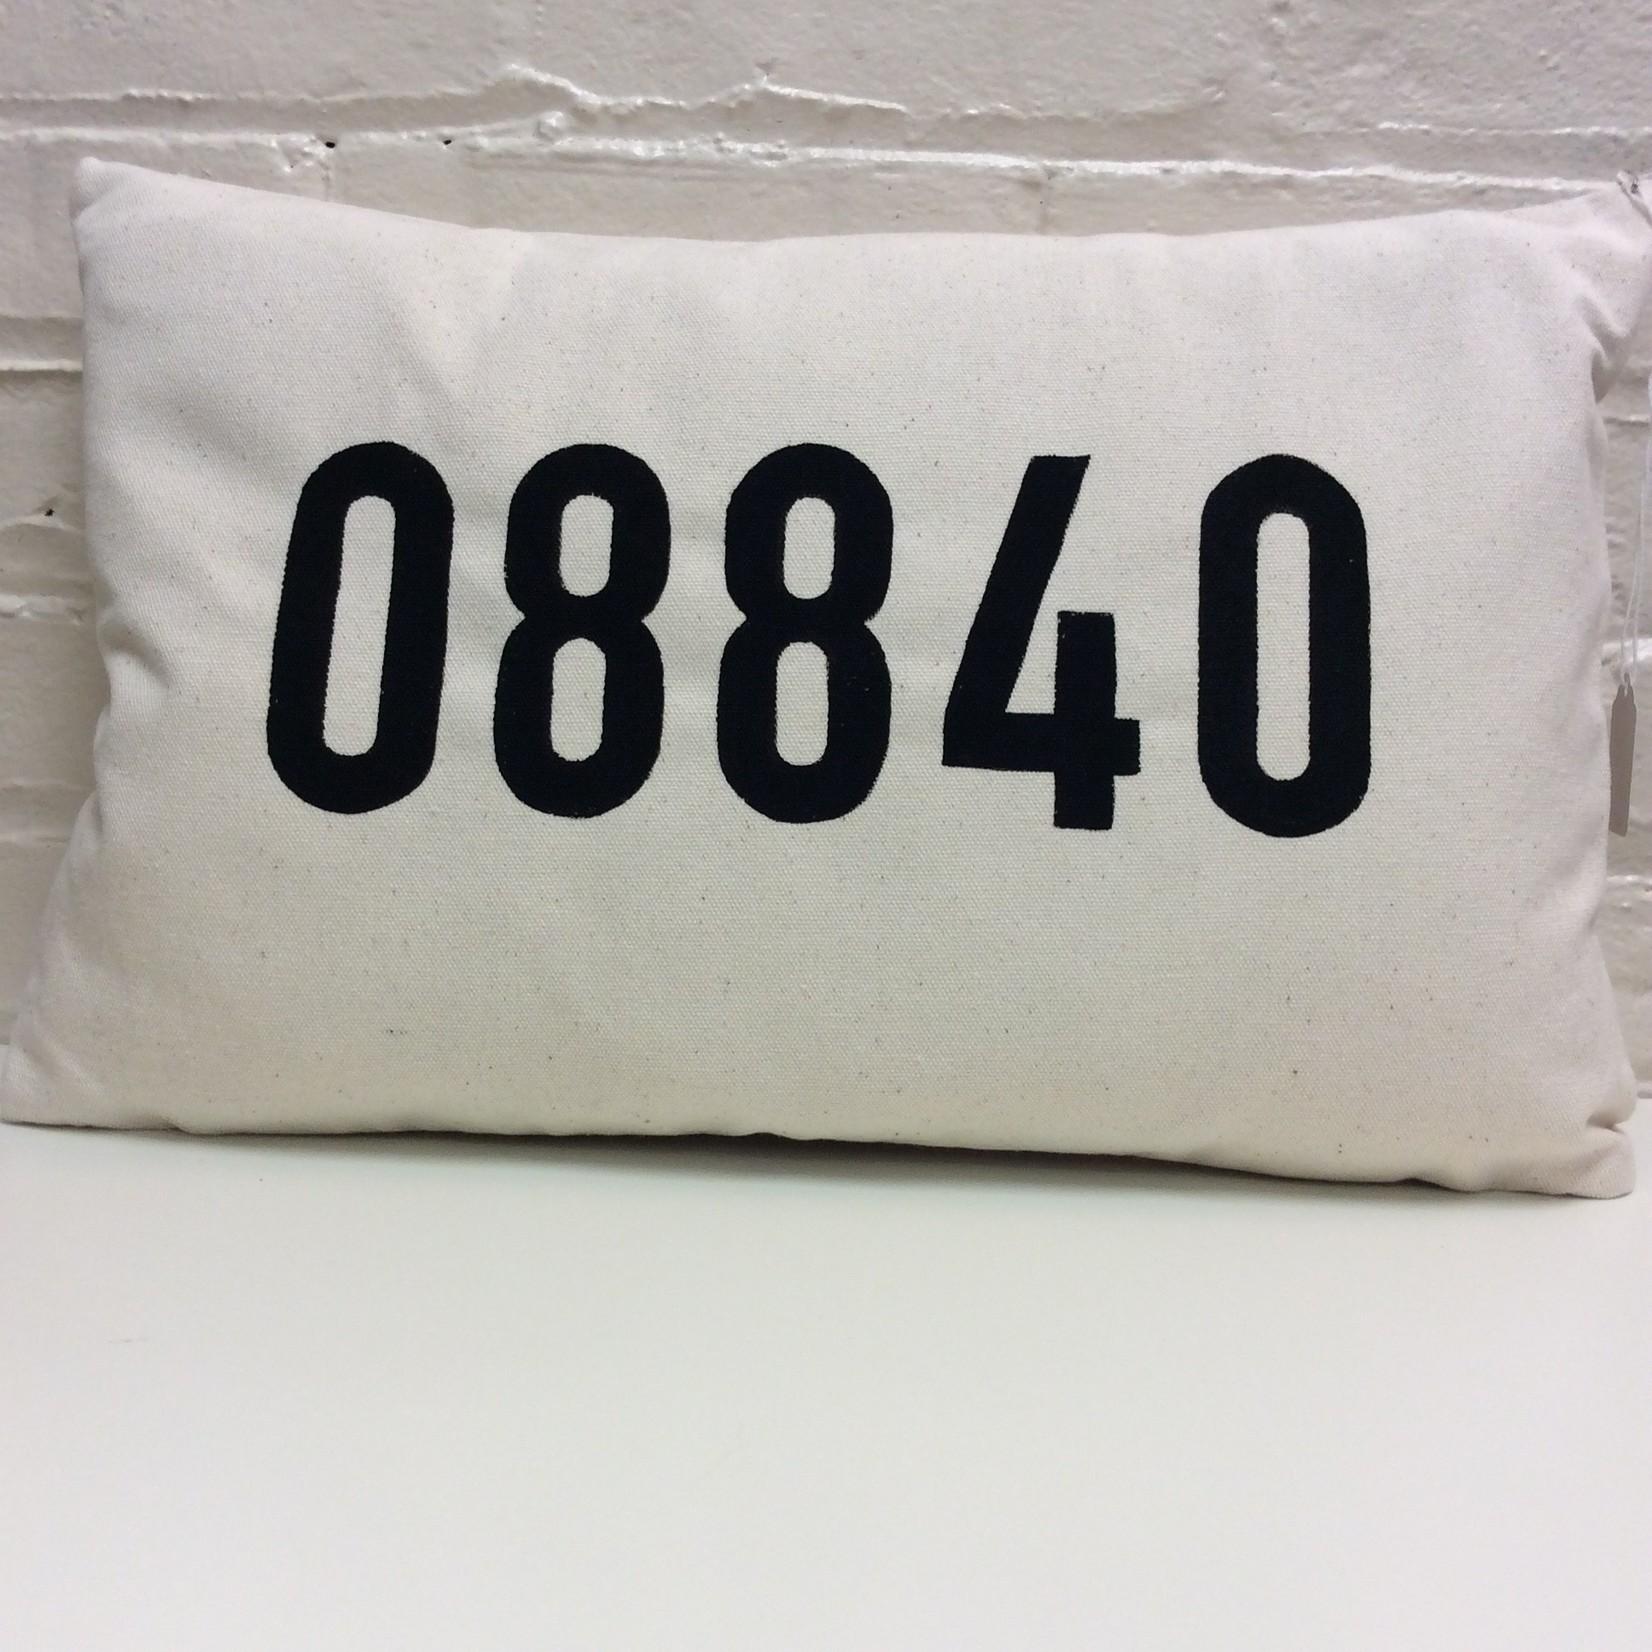 Indigo Tangerine Metuchen 08840 pillow